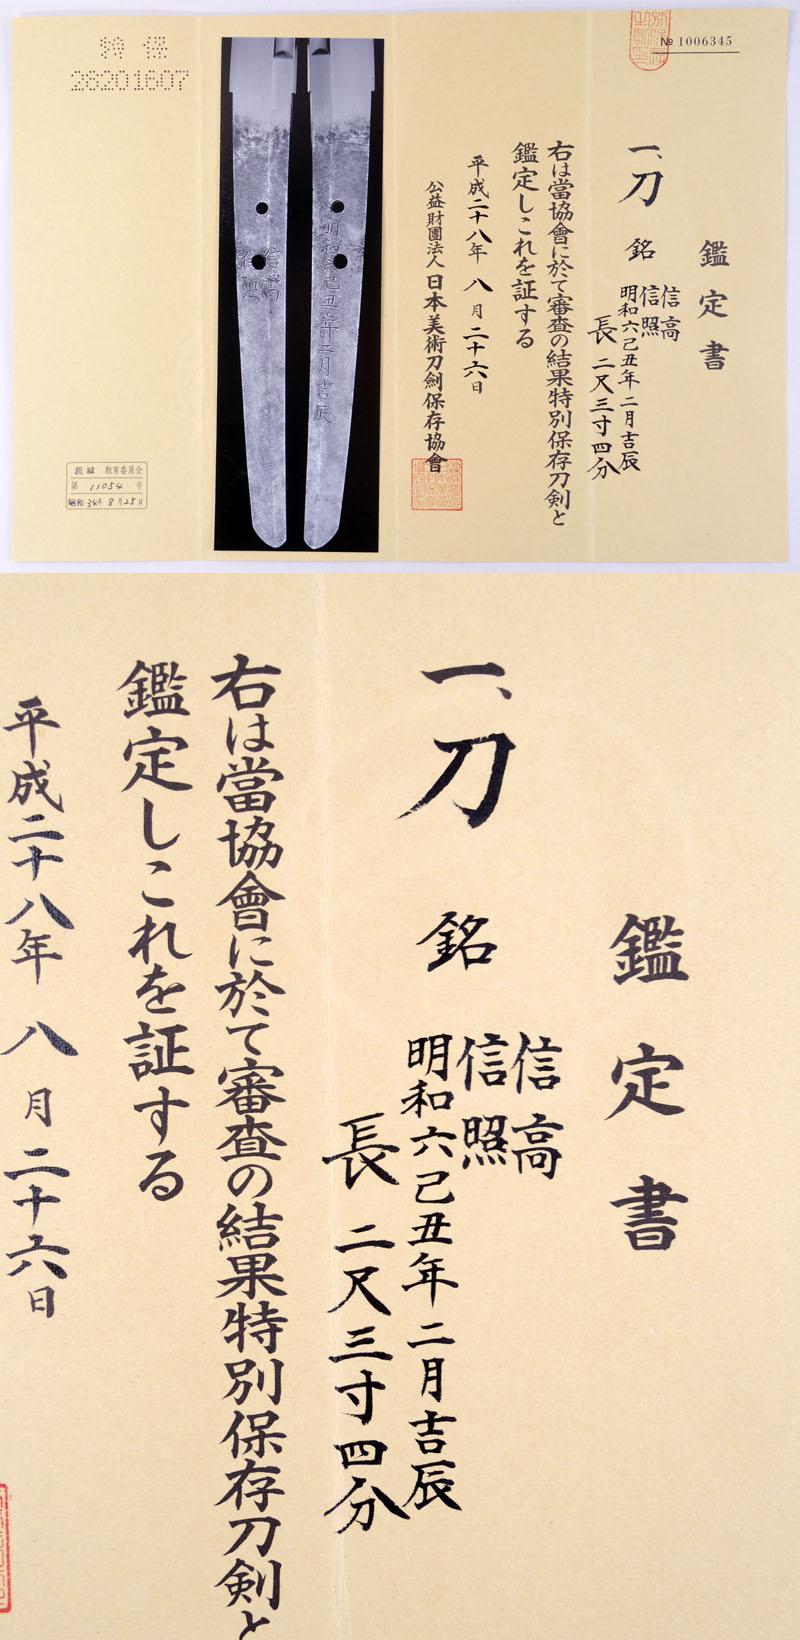 信高 信照  (尾張 五代伯耆守信高 六代信照 合作) Picture of Certificate